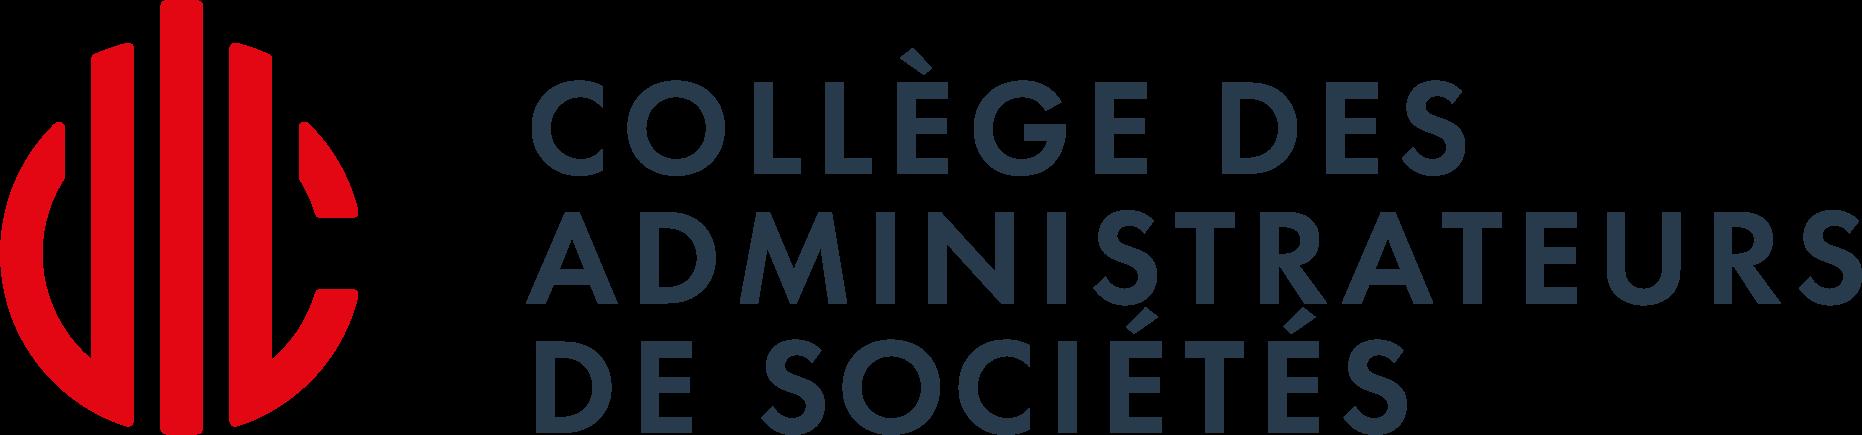 Logo Collège des administrateurs de sociétés